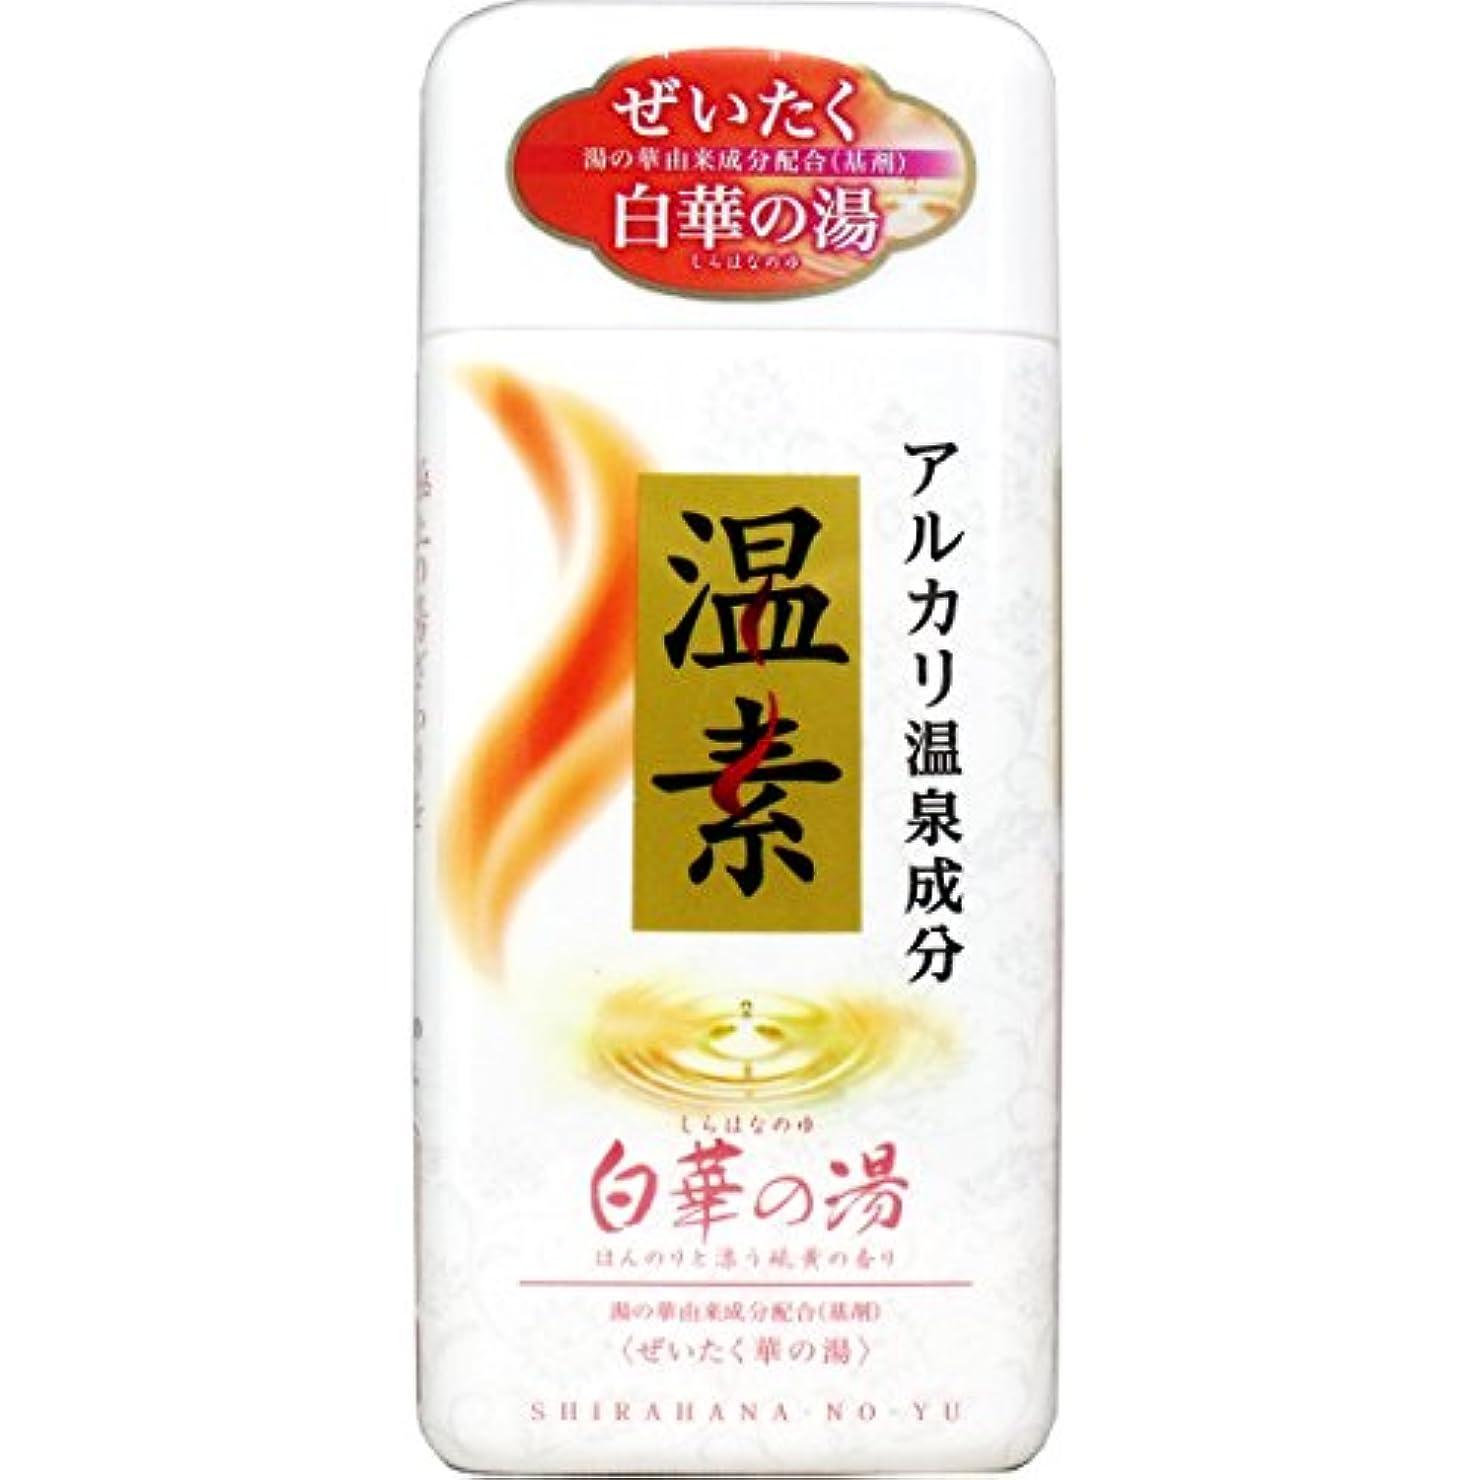 第二に定期的タイマーお風呂用品 ぜいたく華の湯 本物志向 アルカリ温泉成分 温素 入浴剤 白華の湯 硫黄の香り 600g入